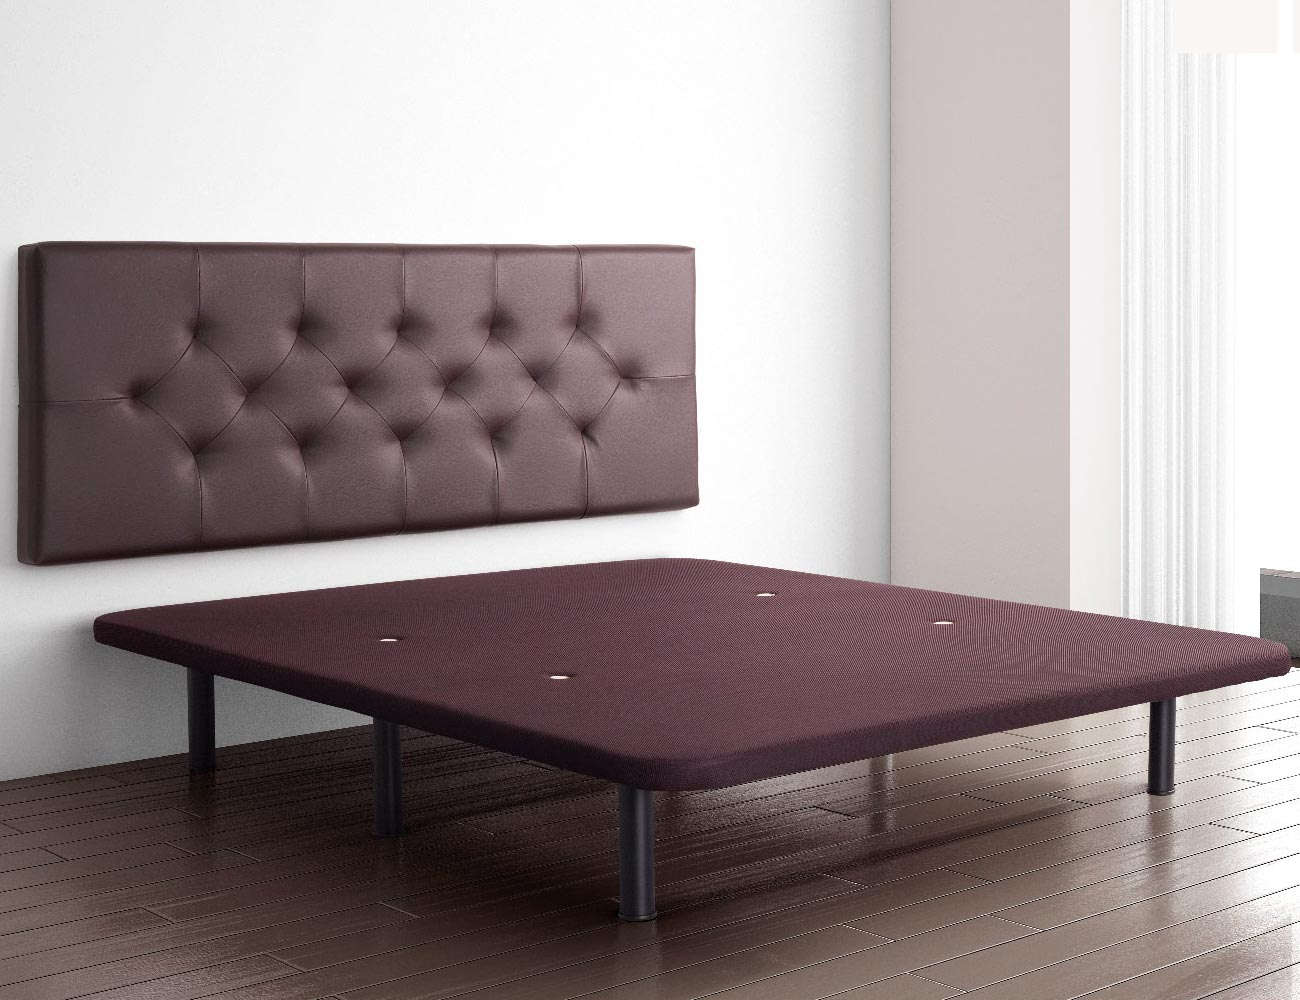 Base 3d aireada chocolate8